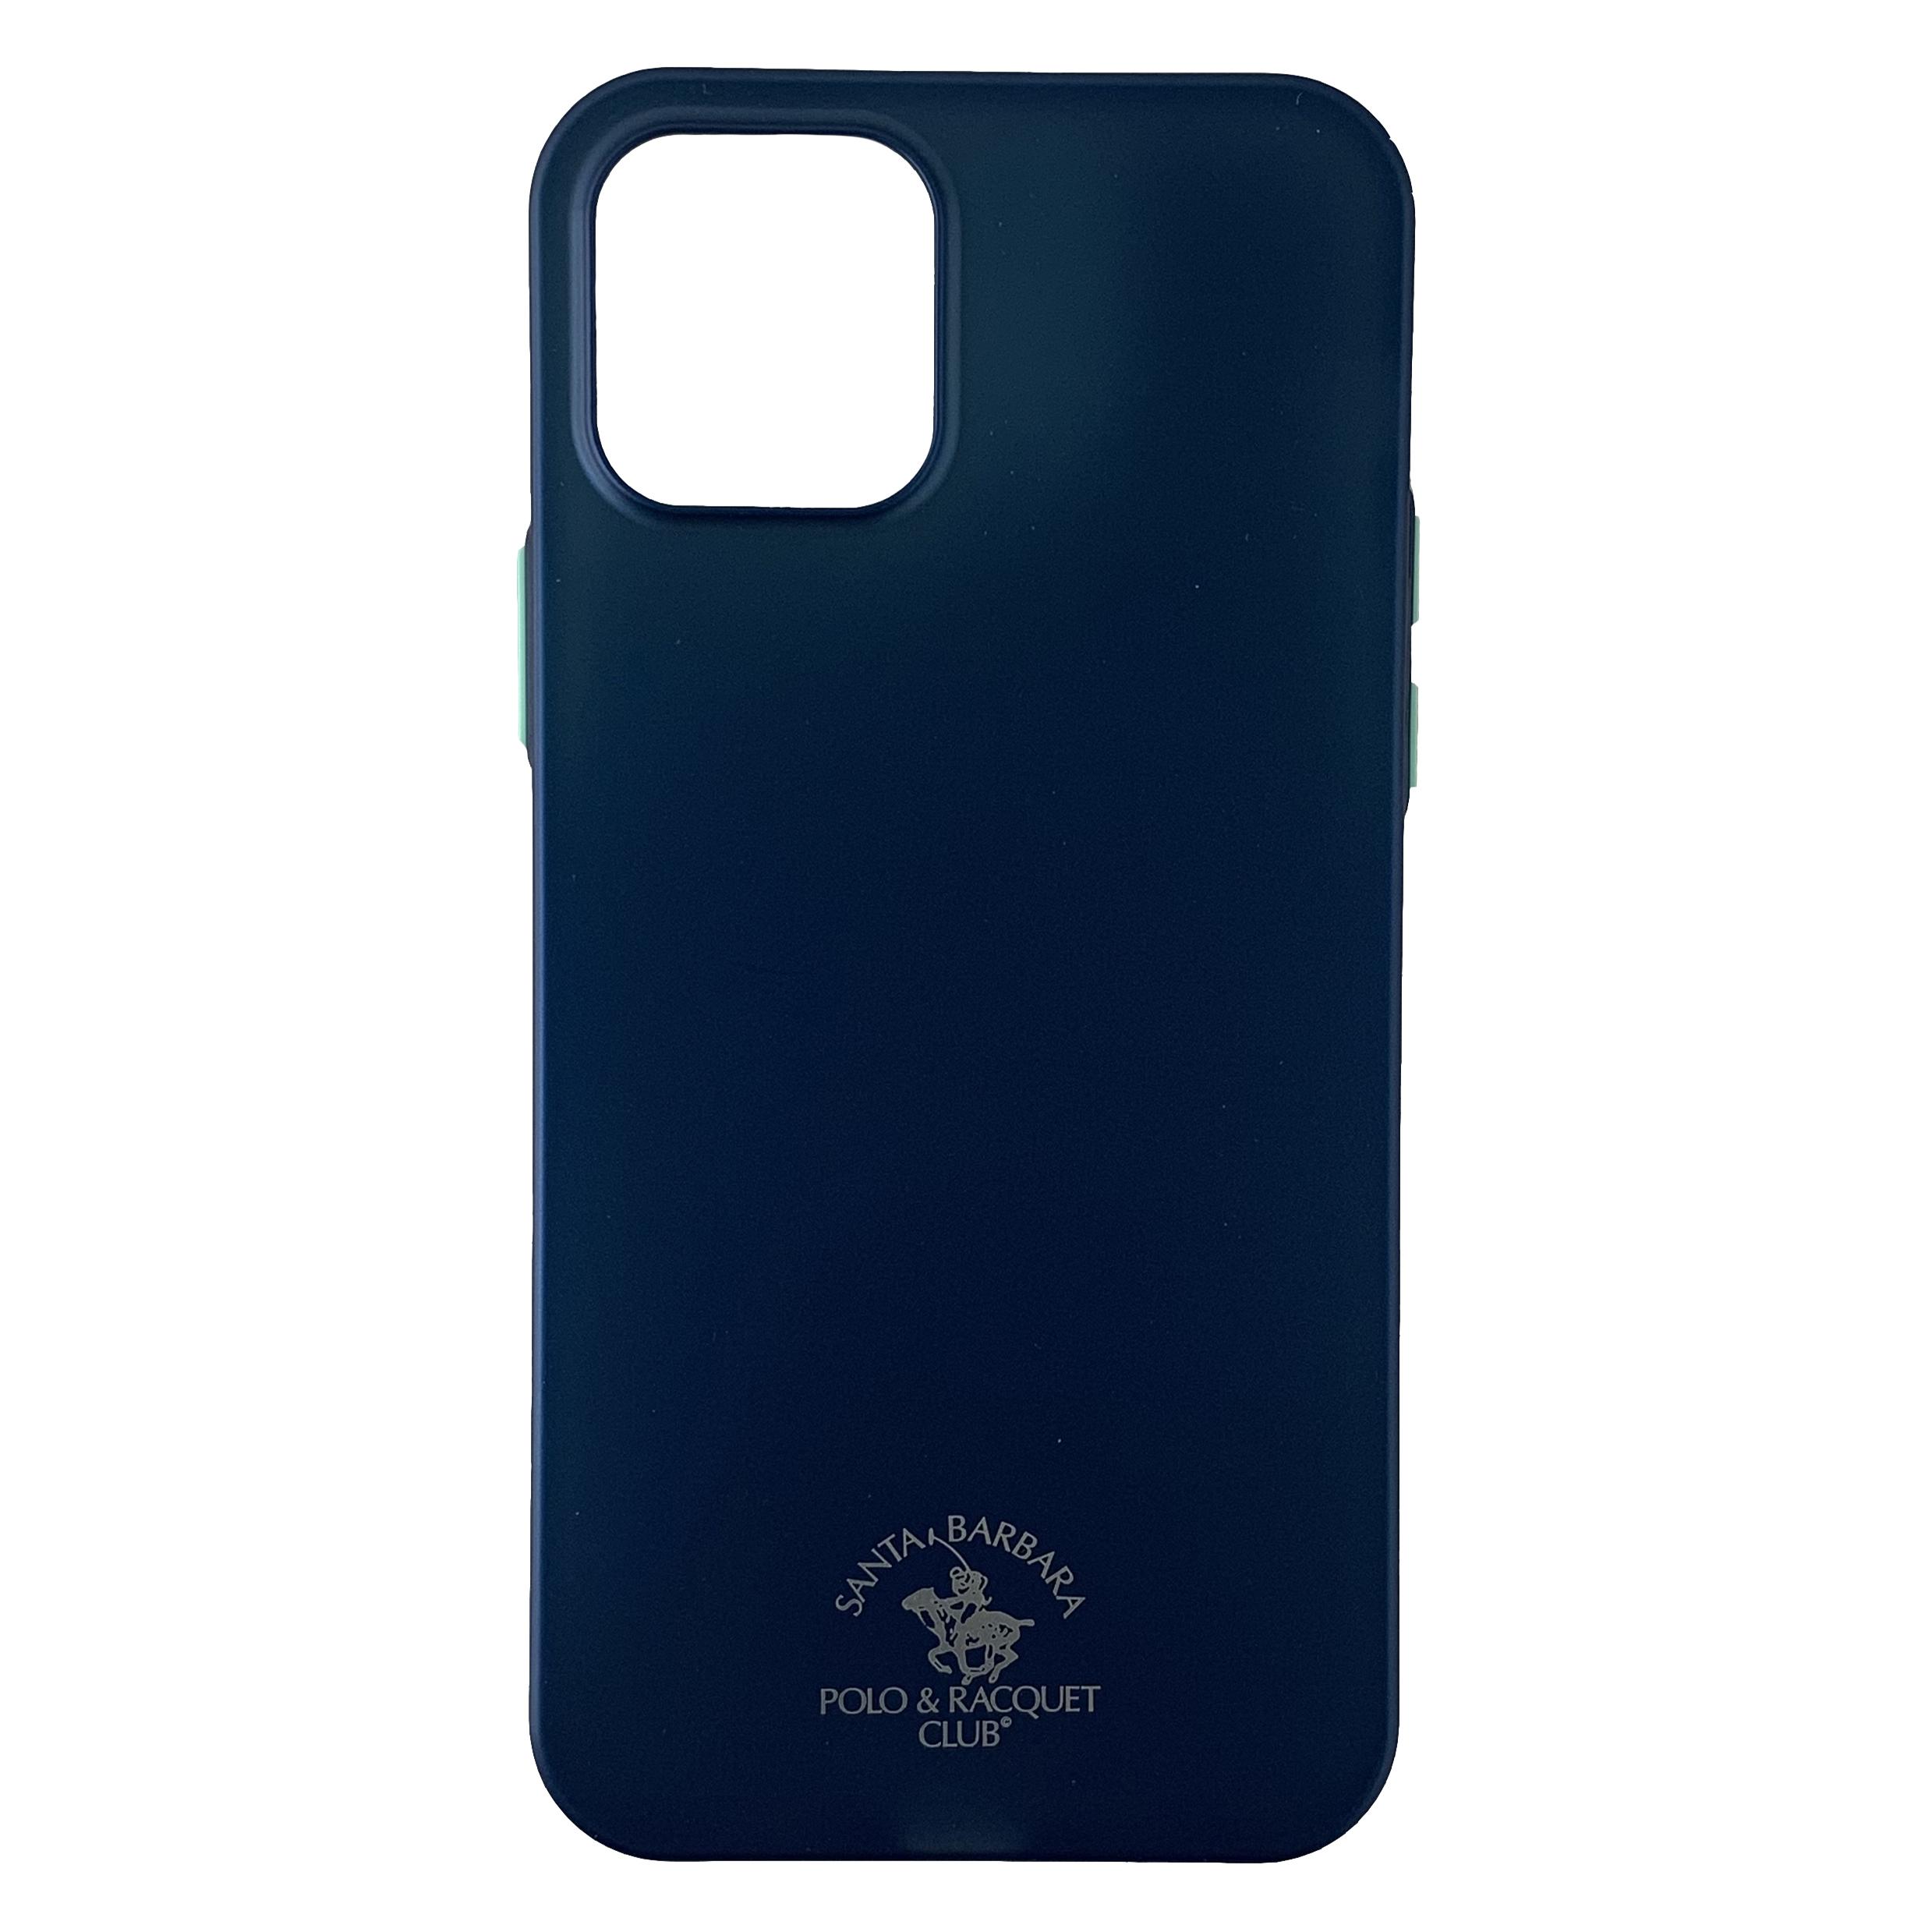 کاور سانتا باربارا مدل SN02 مناسب برای گوشی موبایل اپل iPhone 12 / 12 Pro